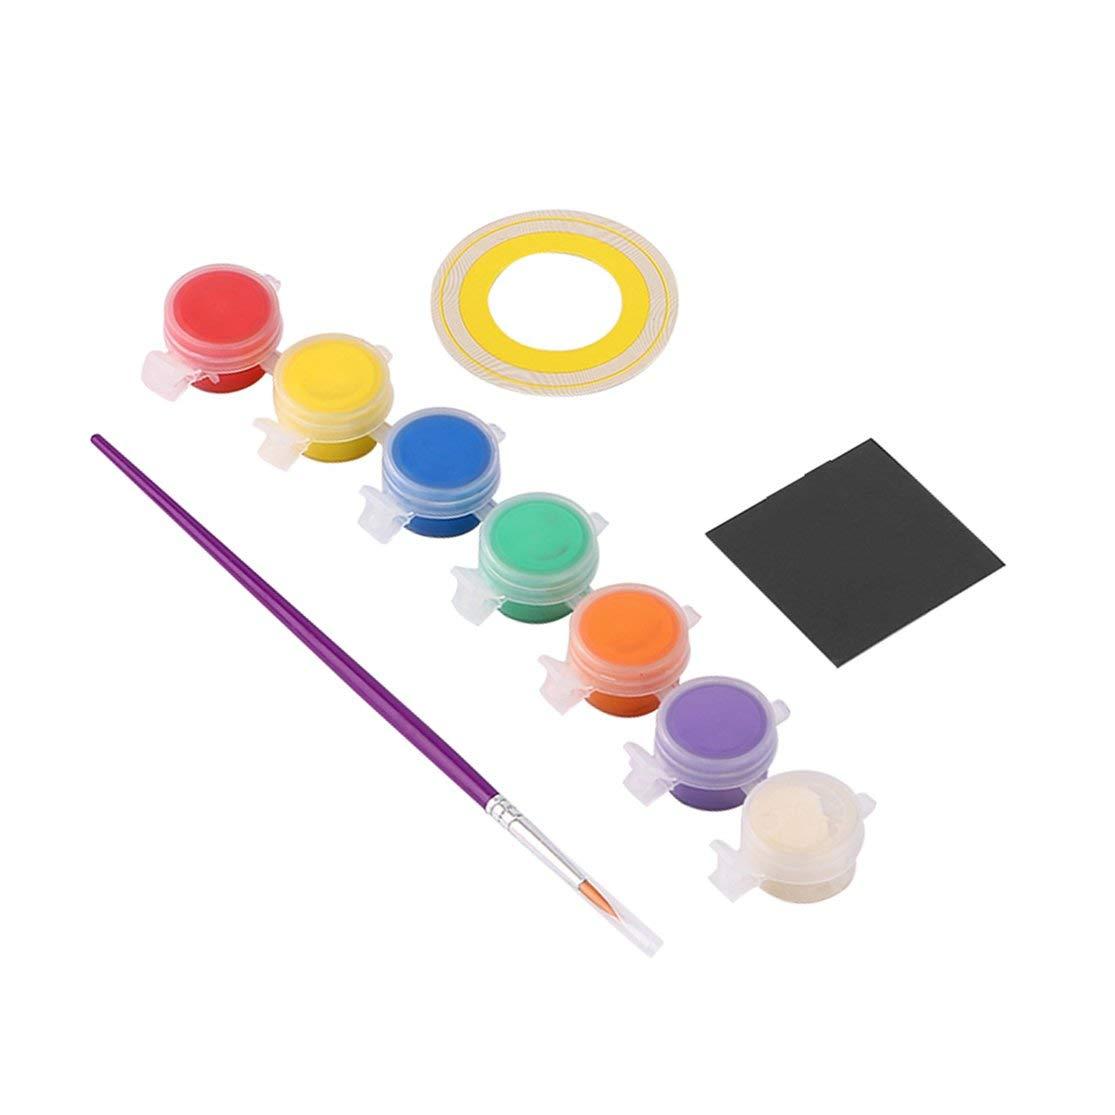 EPRHY Lot de 500 /épingles en m/étal de 1,3 cm pour /épingles /à bulbe///épingles /à Aiguilles pour /étiquettes de Bricolage Dor/é